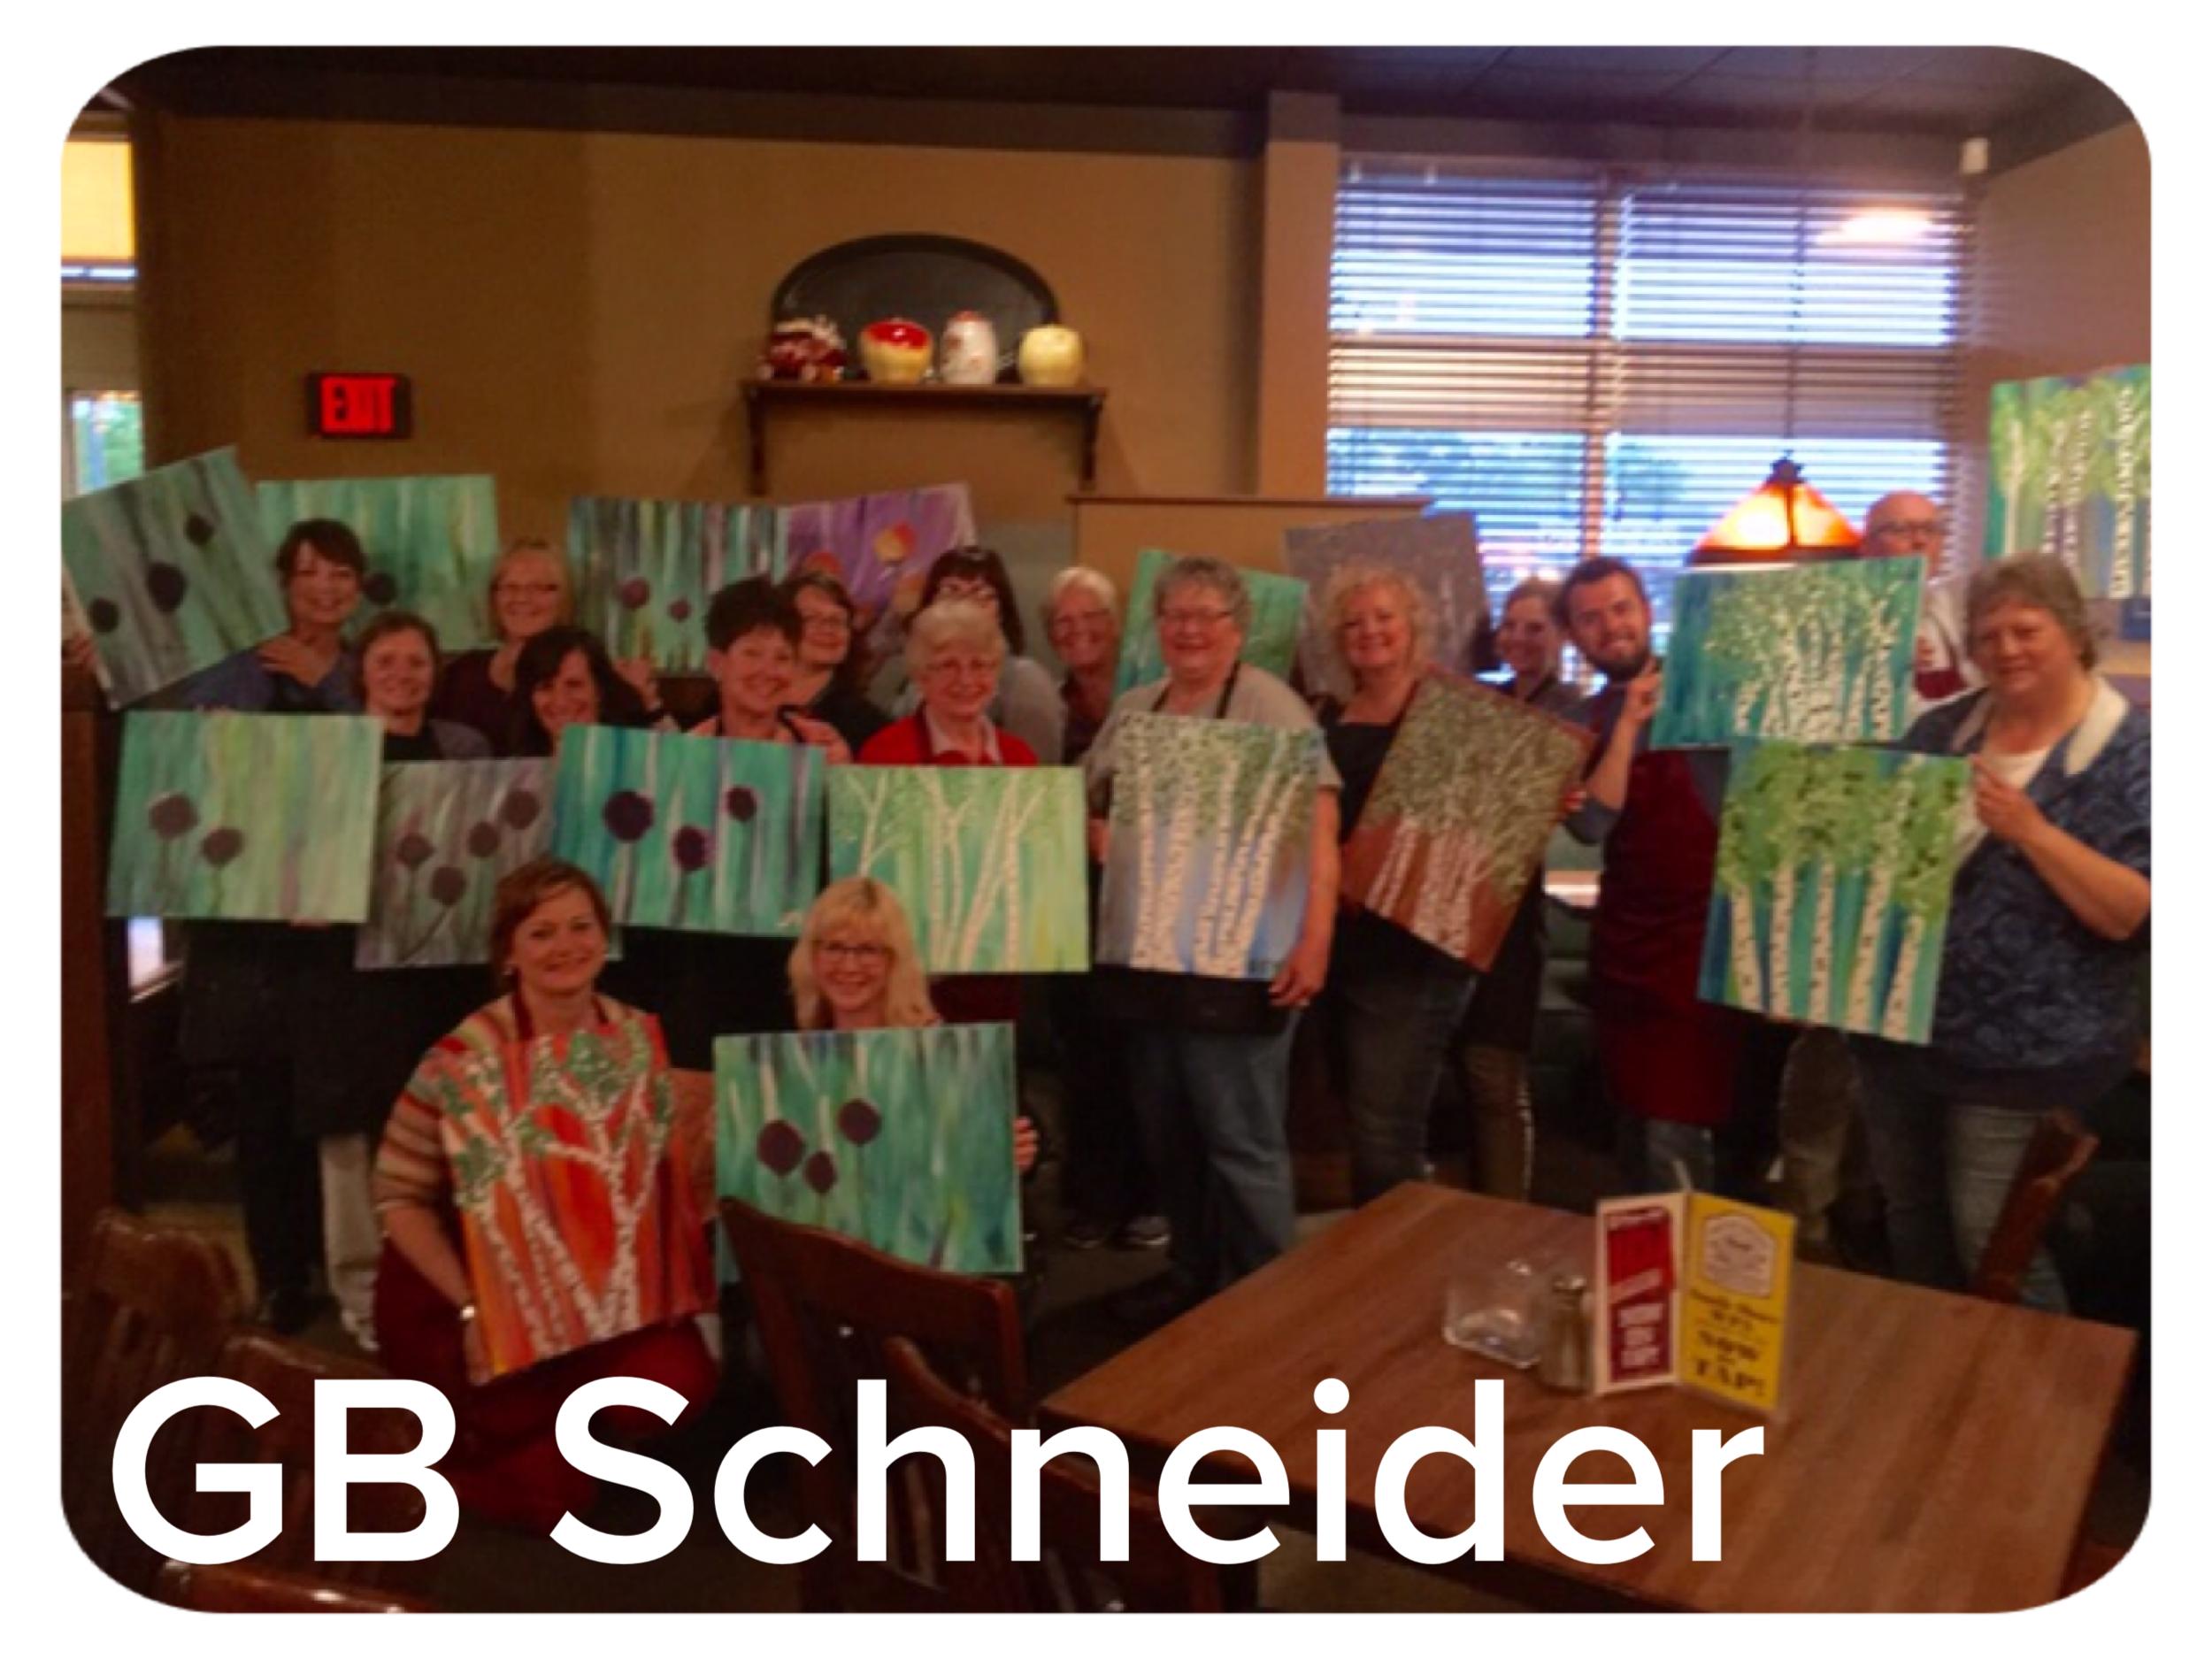 GB Schneider's